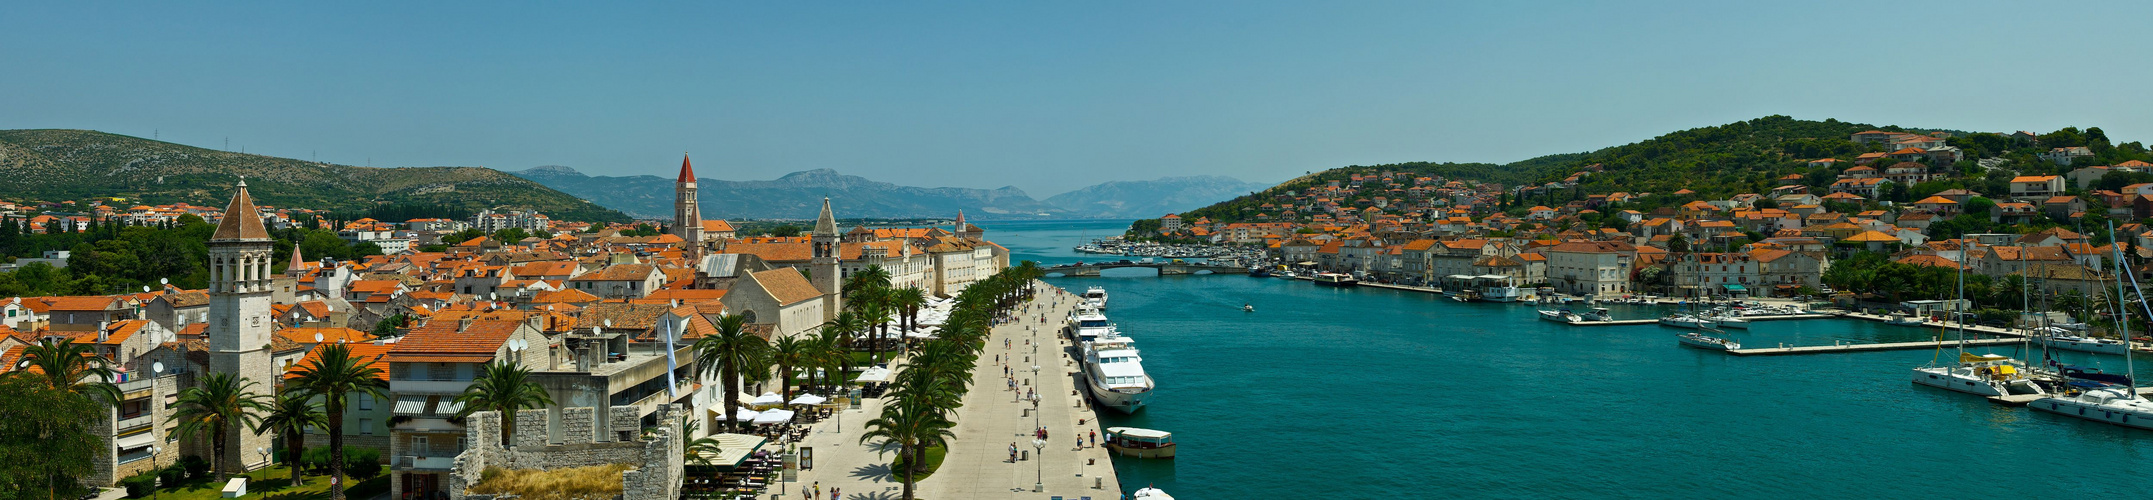 Hafenpromenade Trogir